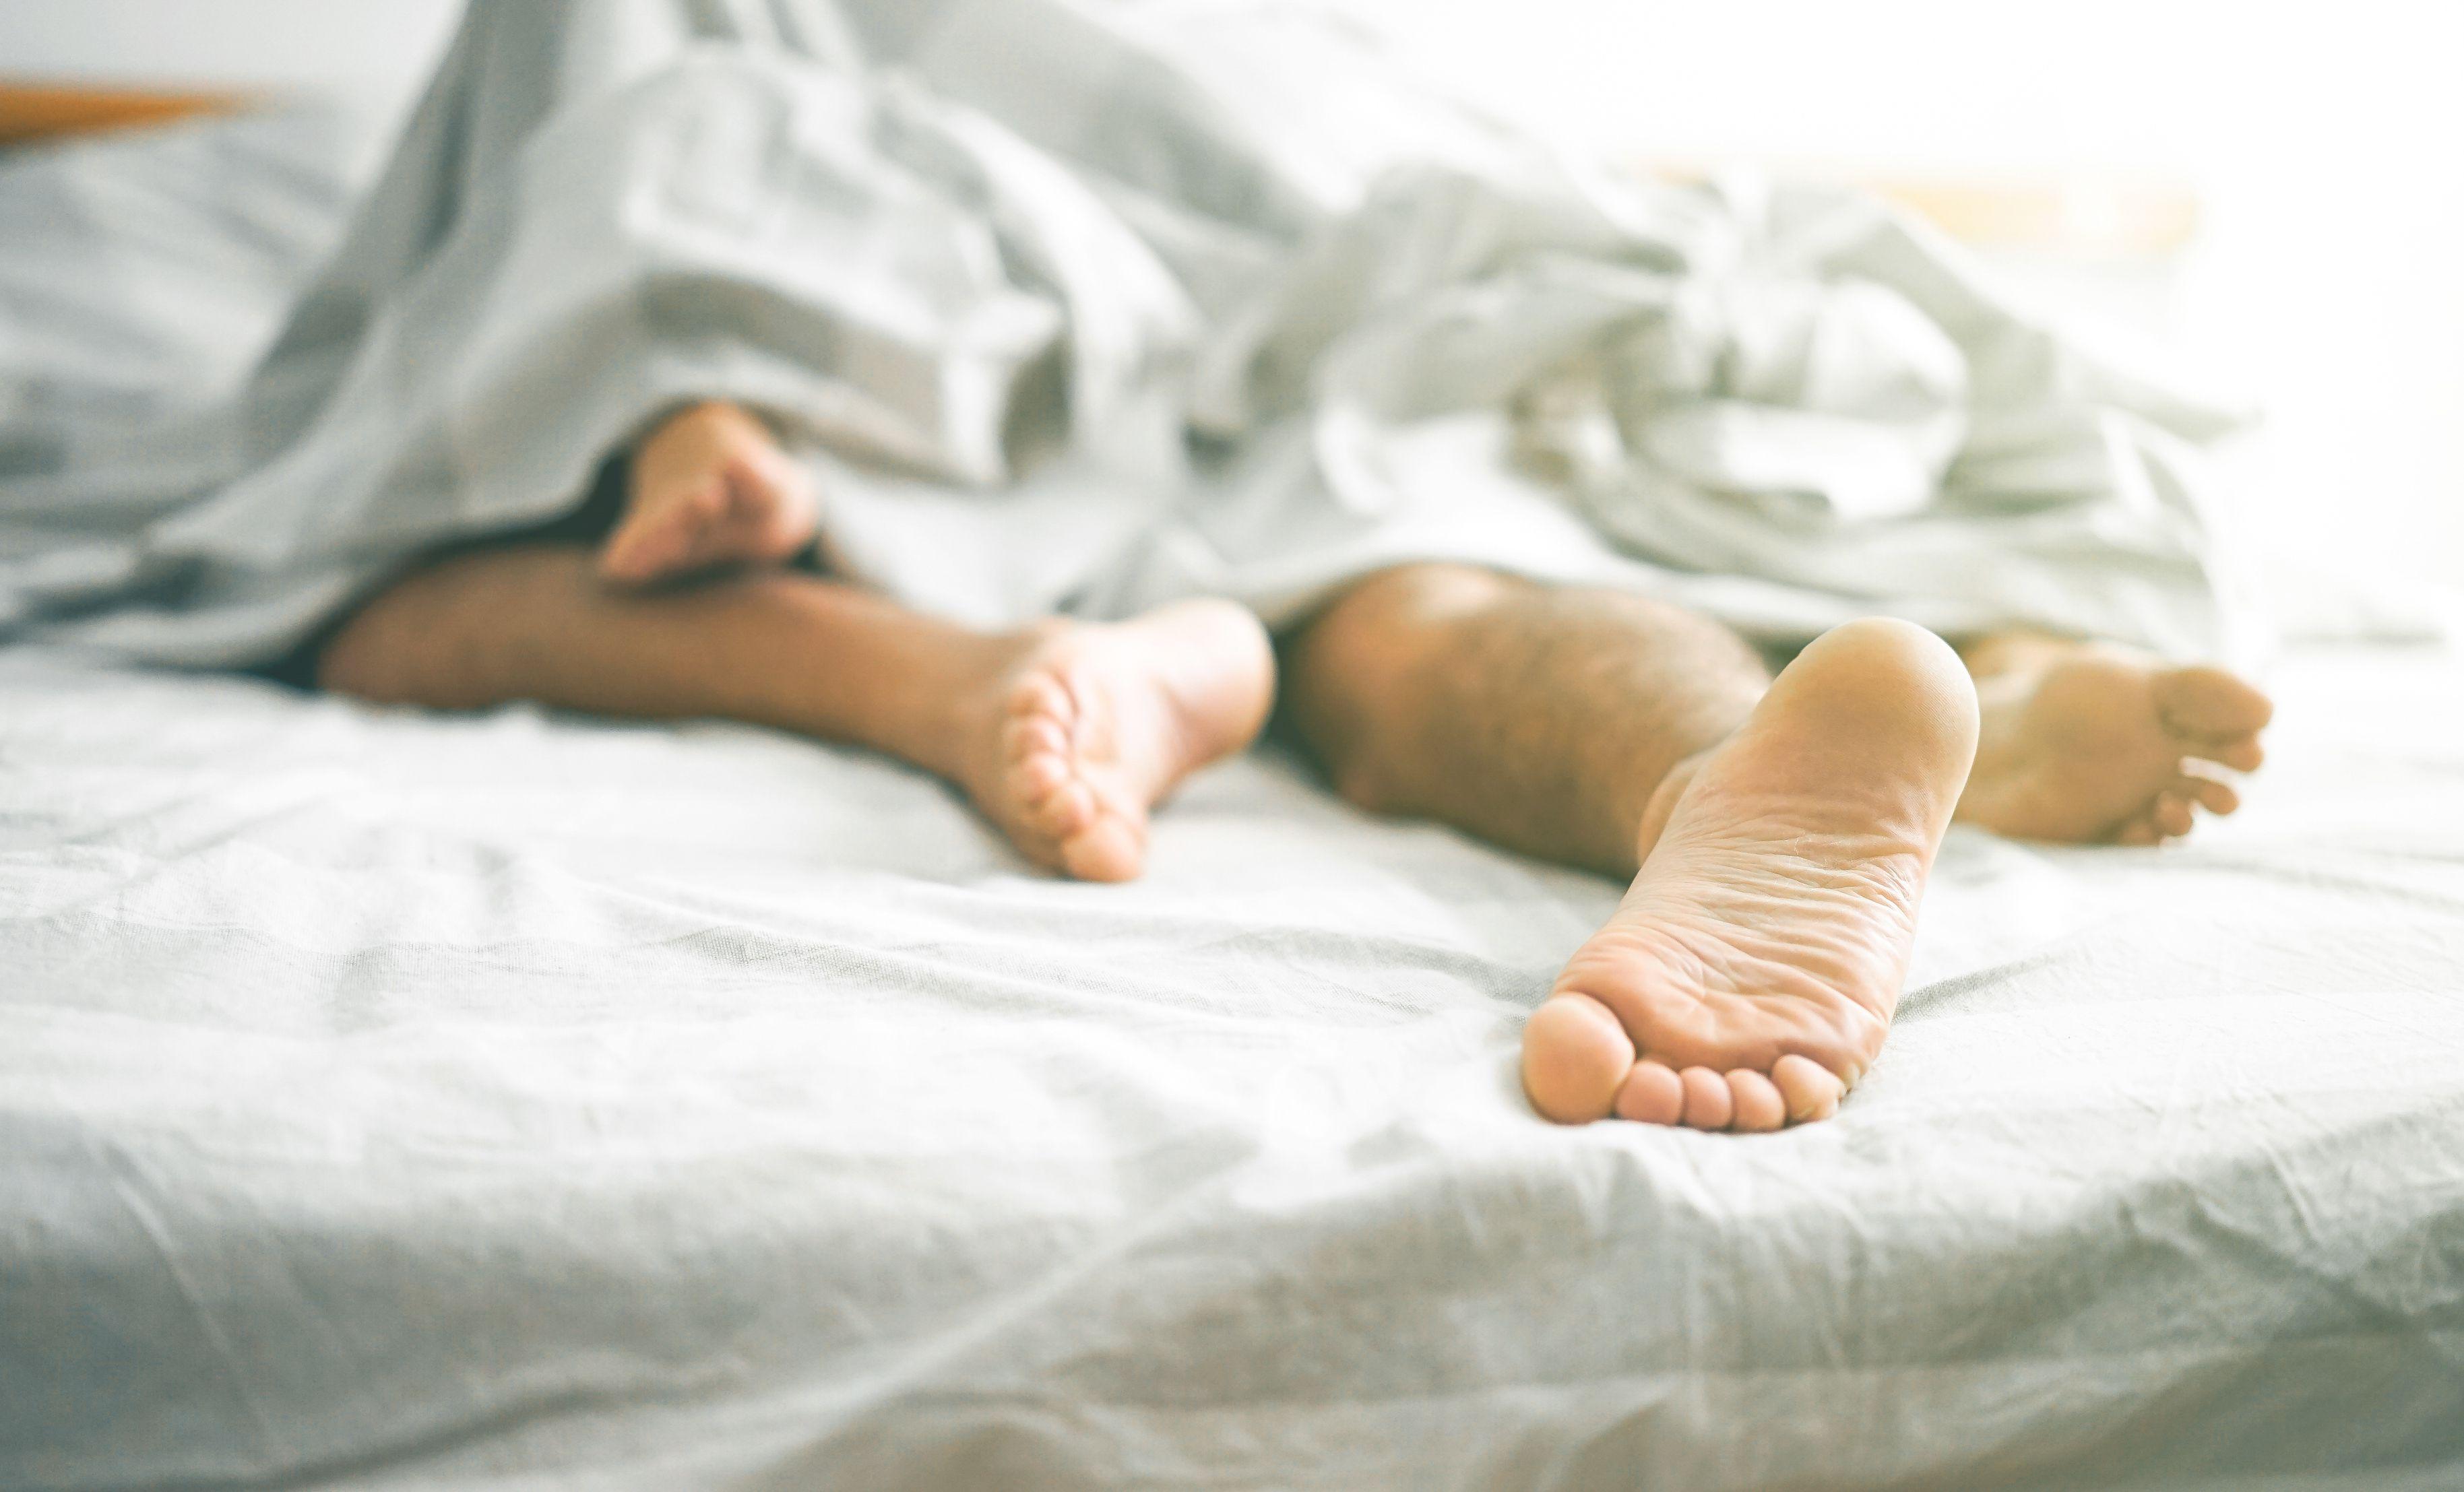 En Argentina más del 98% de las infecciones se producen por relaciones sexuales sin protección y se estima que 139.000 personas viven con VIH, de las cuales el 17% desconoce su diagnóstico (Shutterstock)